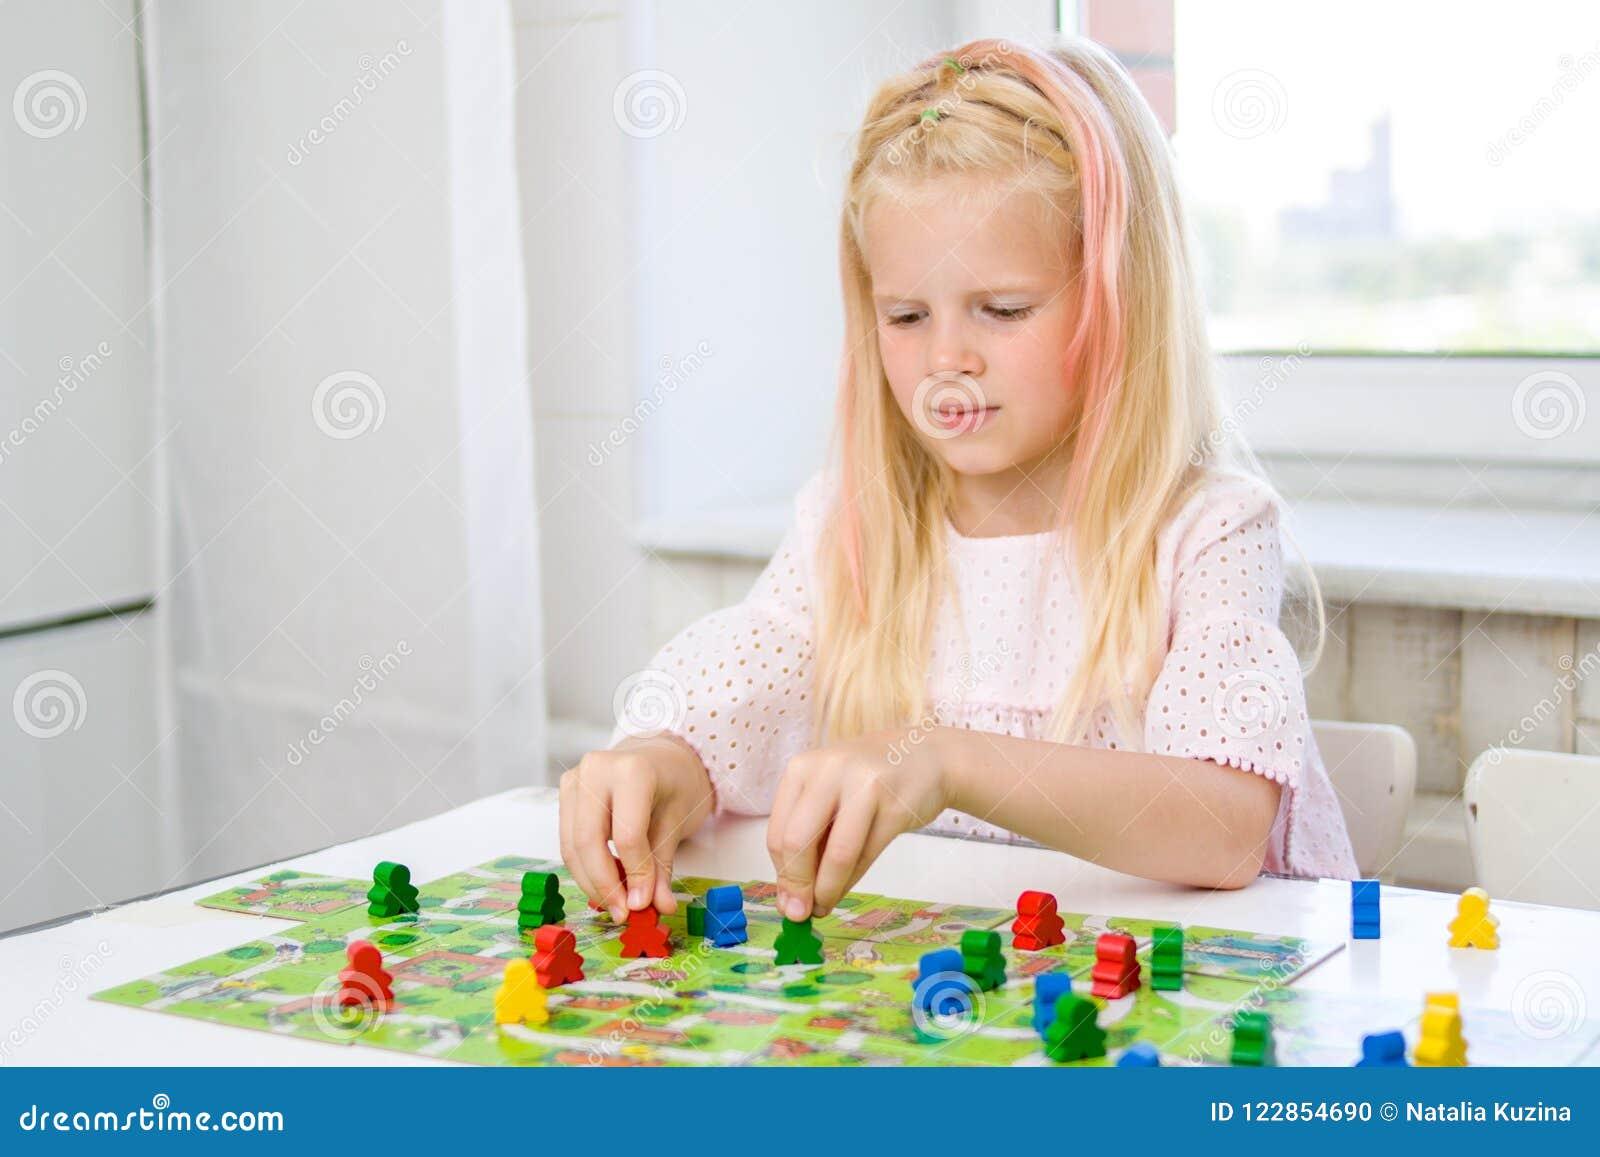 Peu de fille blonde joue - des chiffres de personnes de prise à disposition déchets de bois jaunes, bleus, verts chez le jeu des